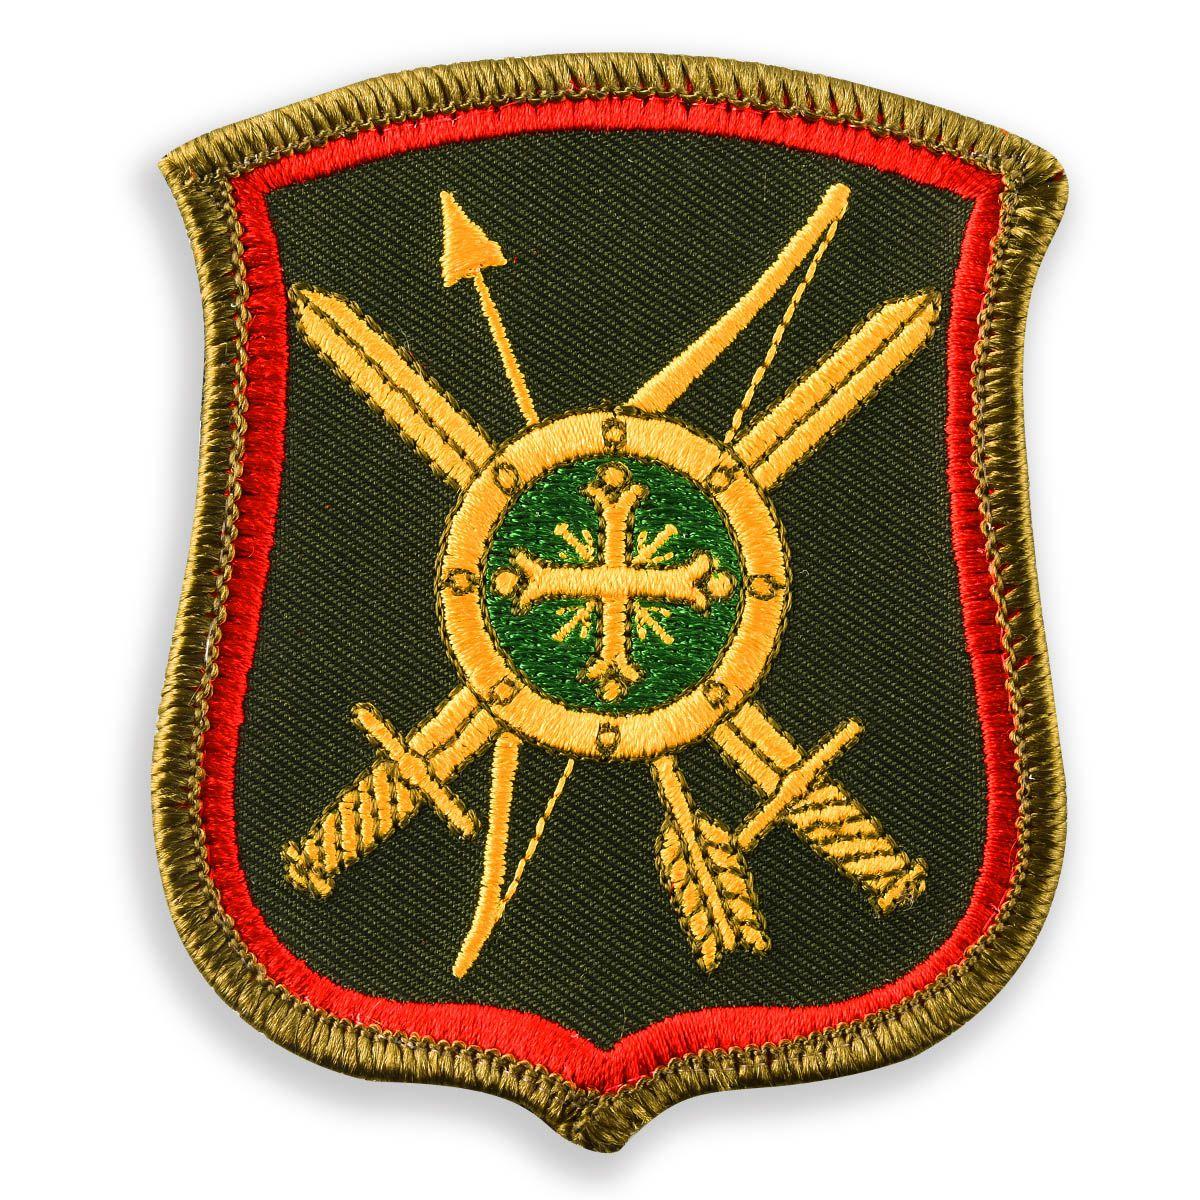 Нарукавный знак военнослужащего 8-ой ракетной дивизии РВСН